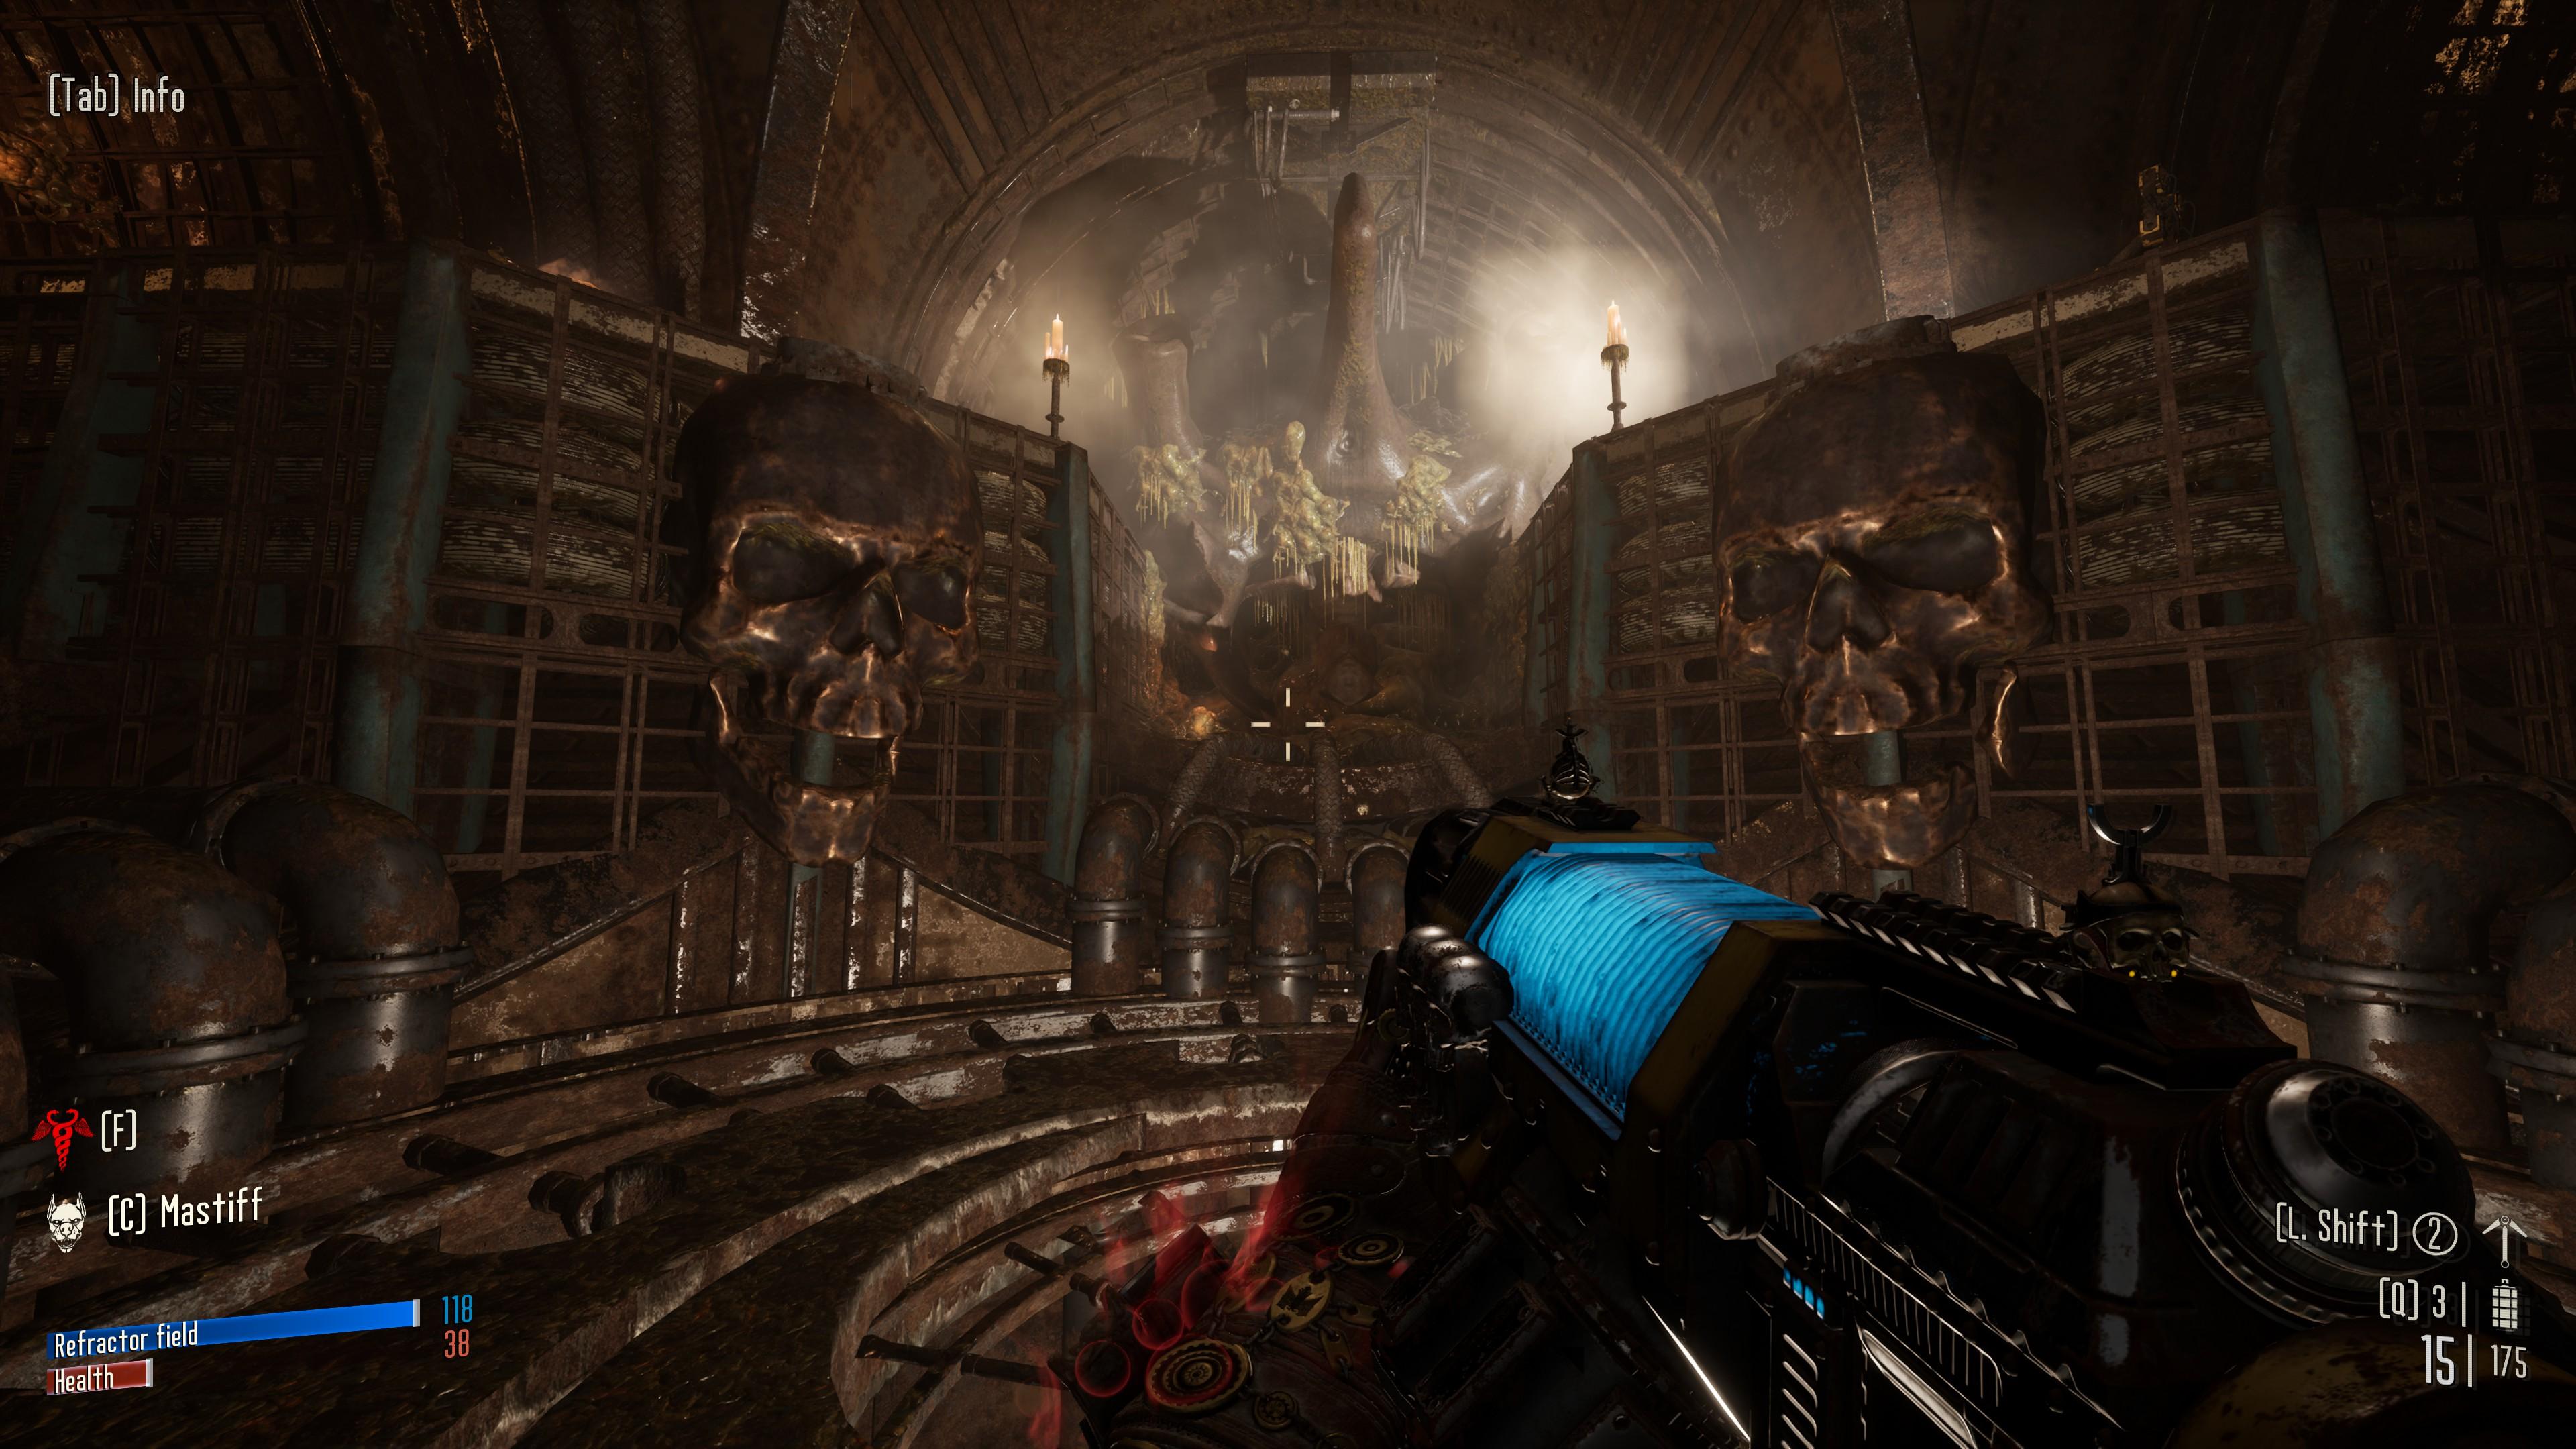 A plasma gun glows blue